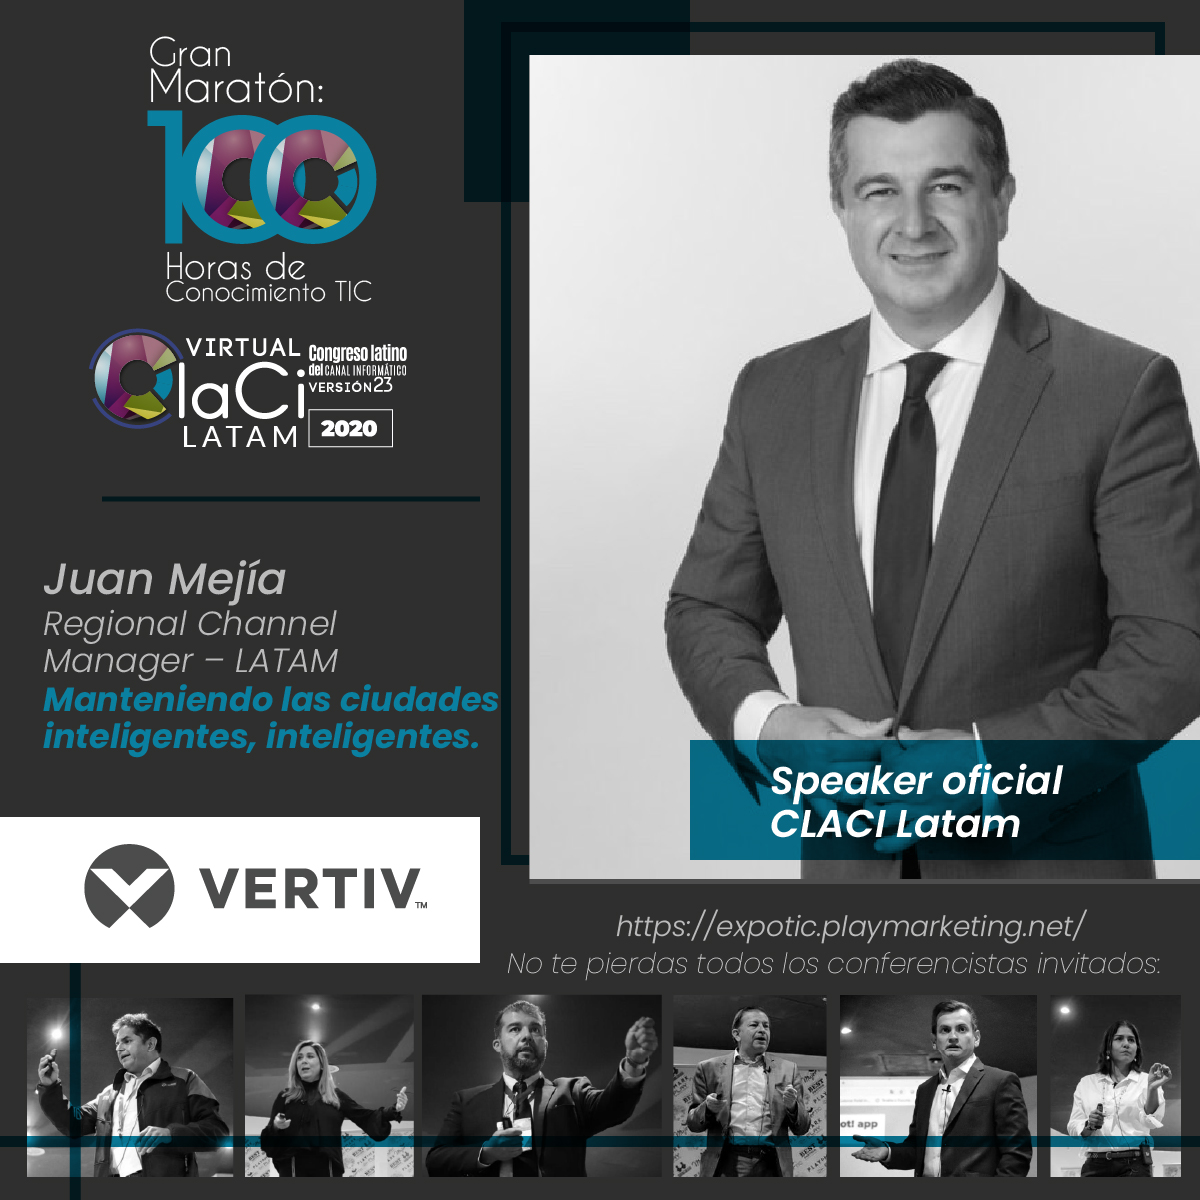 Juan Carlos Mejia